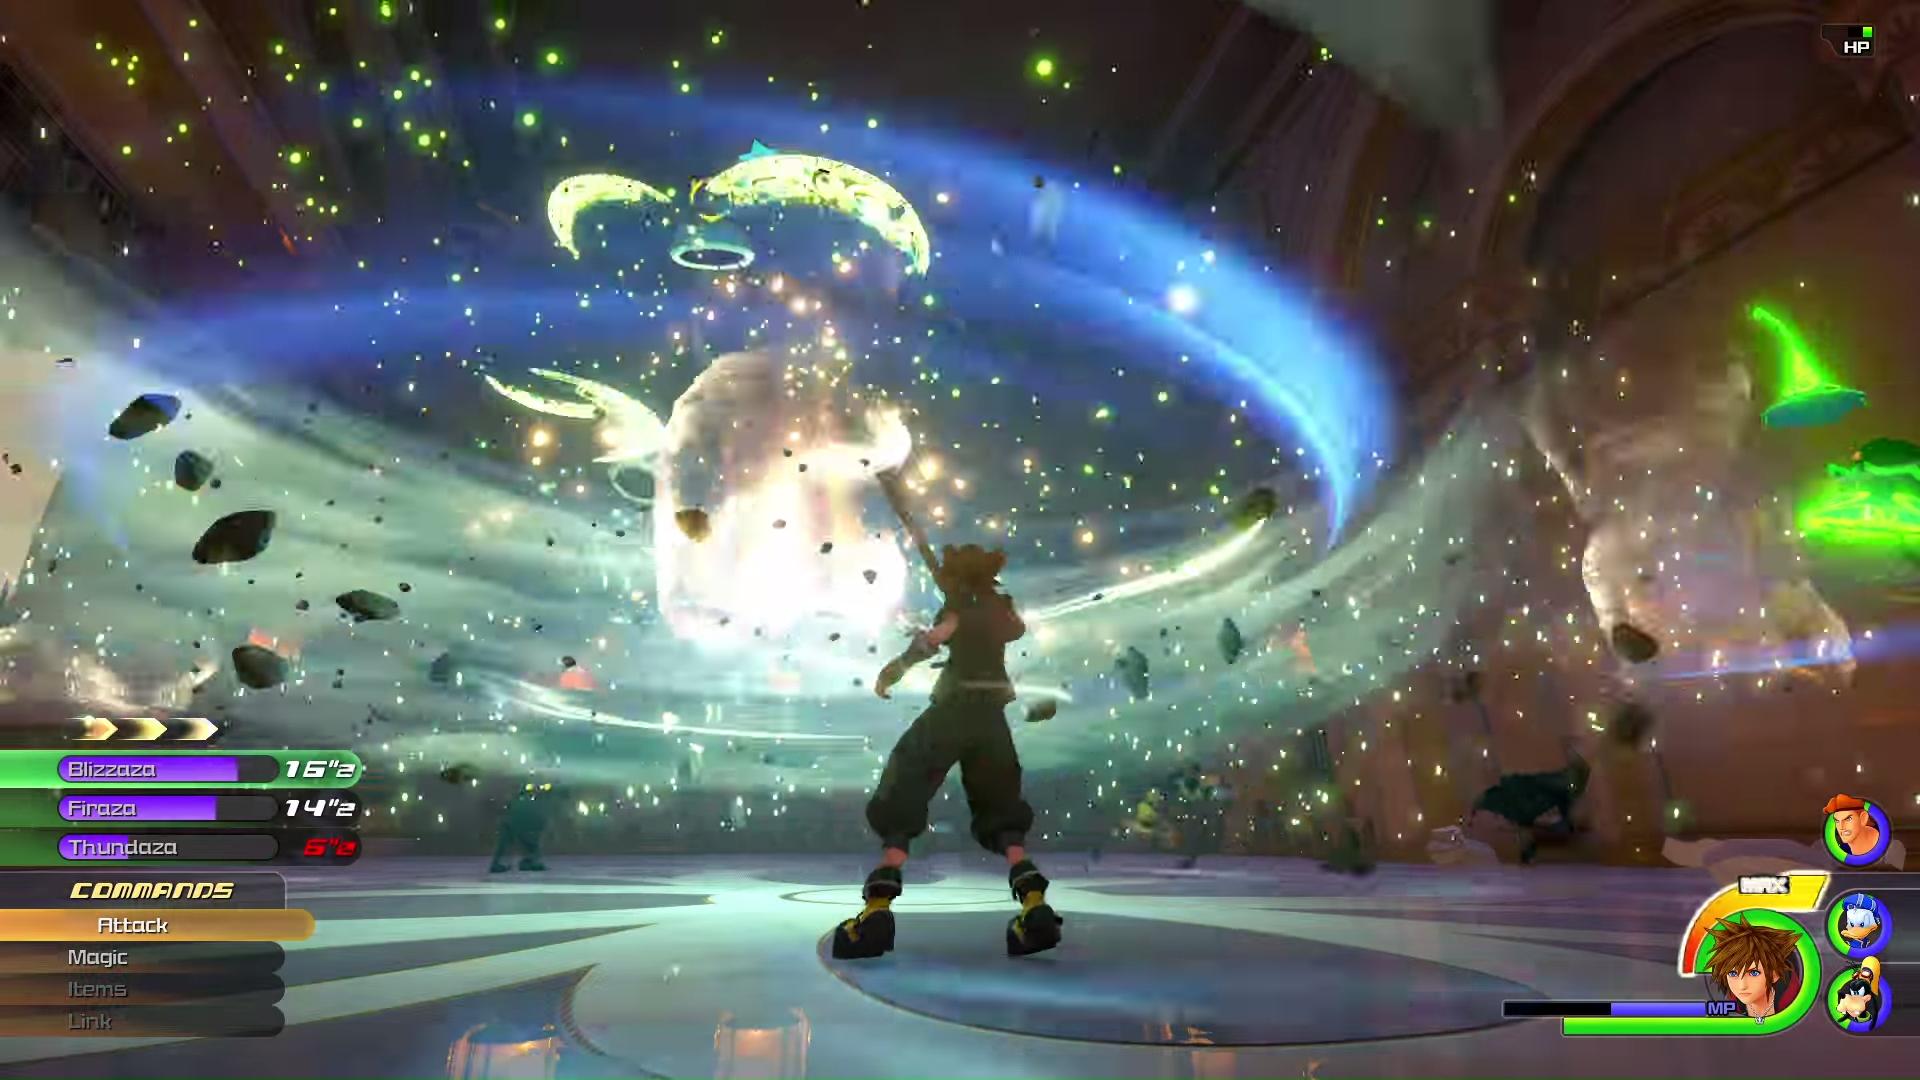 Kingdom Hearts III for macOS gameplay